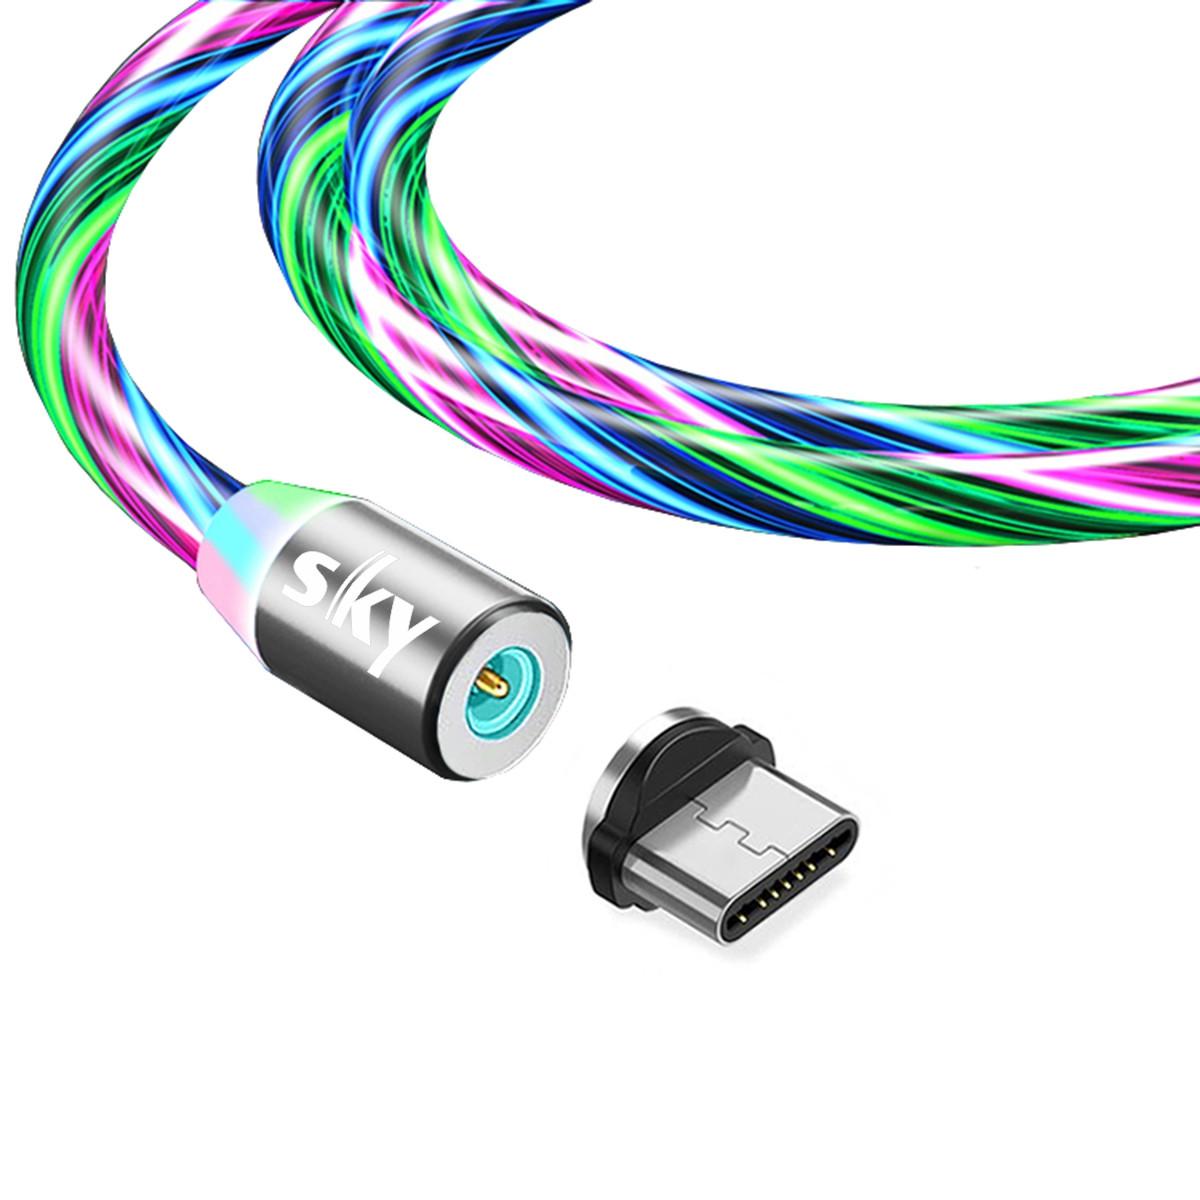 Магнитный кабель SKY type C (RZ) для зарядки (200 см) RGB